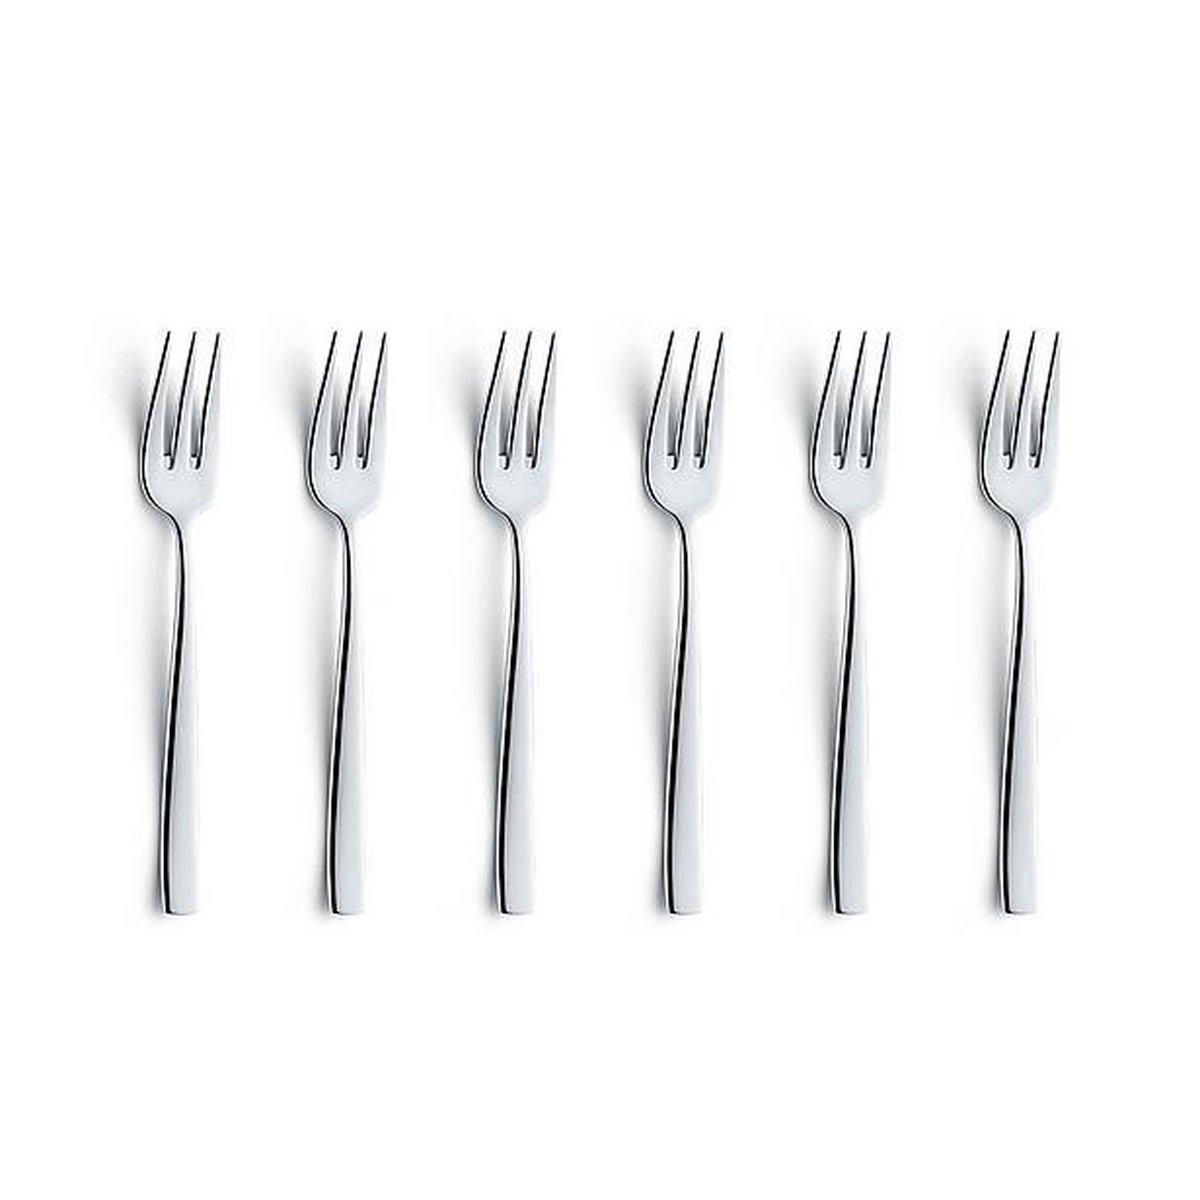 Excellent Houseware Gebaksvorkjes - 6 stuks - RVS